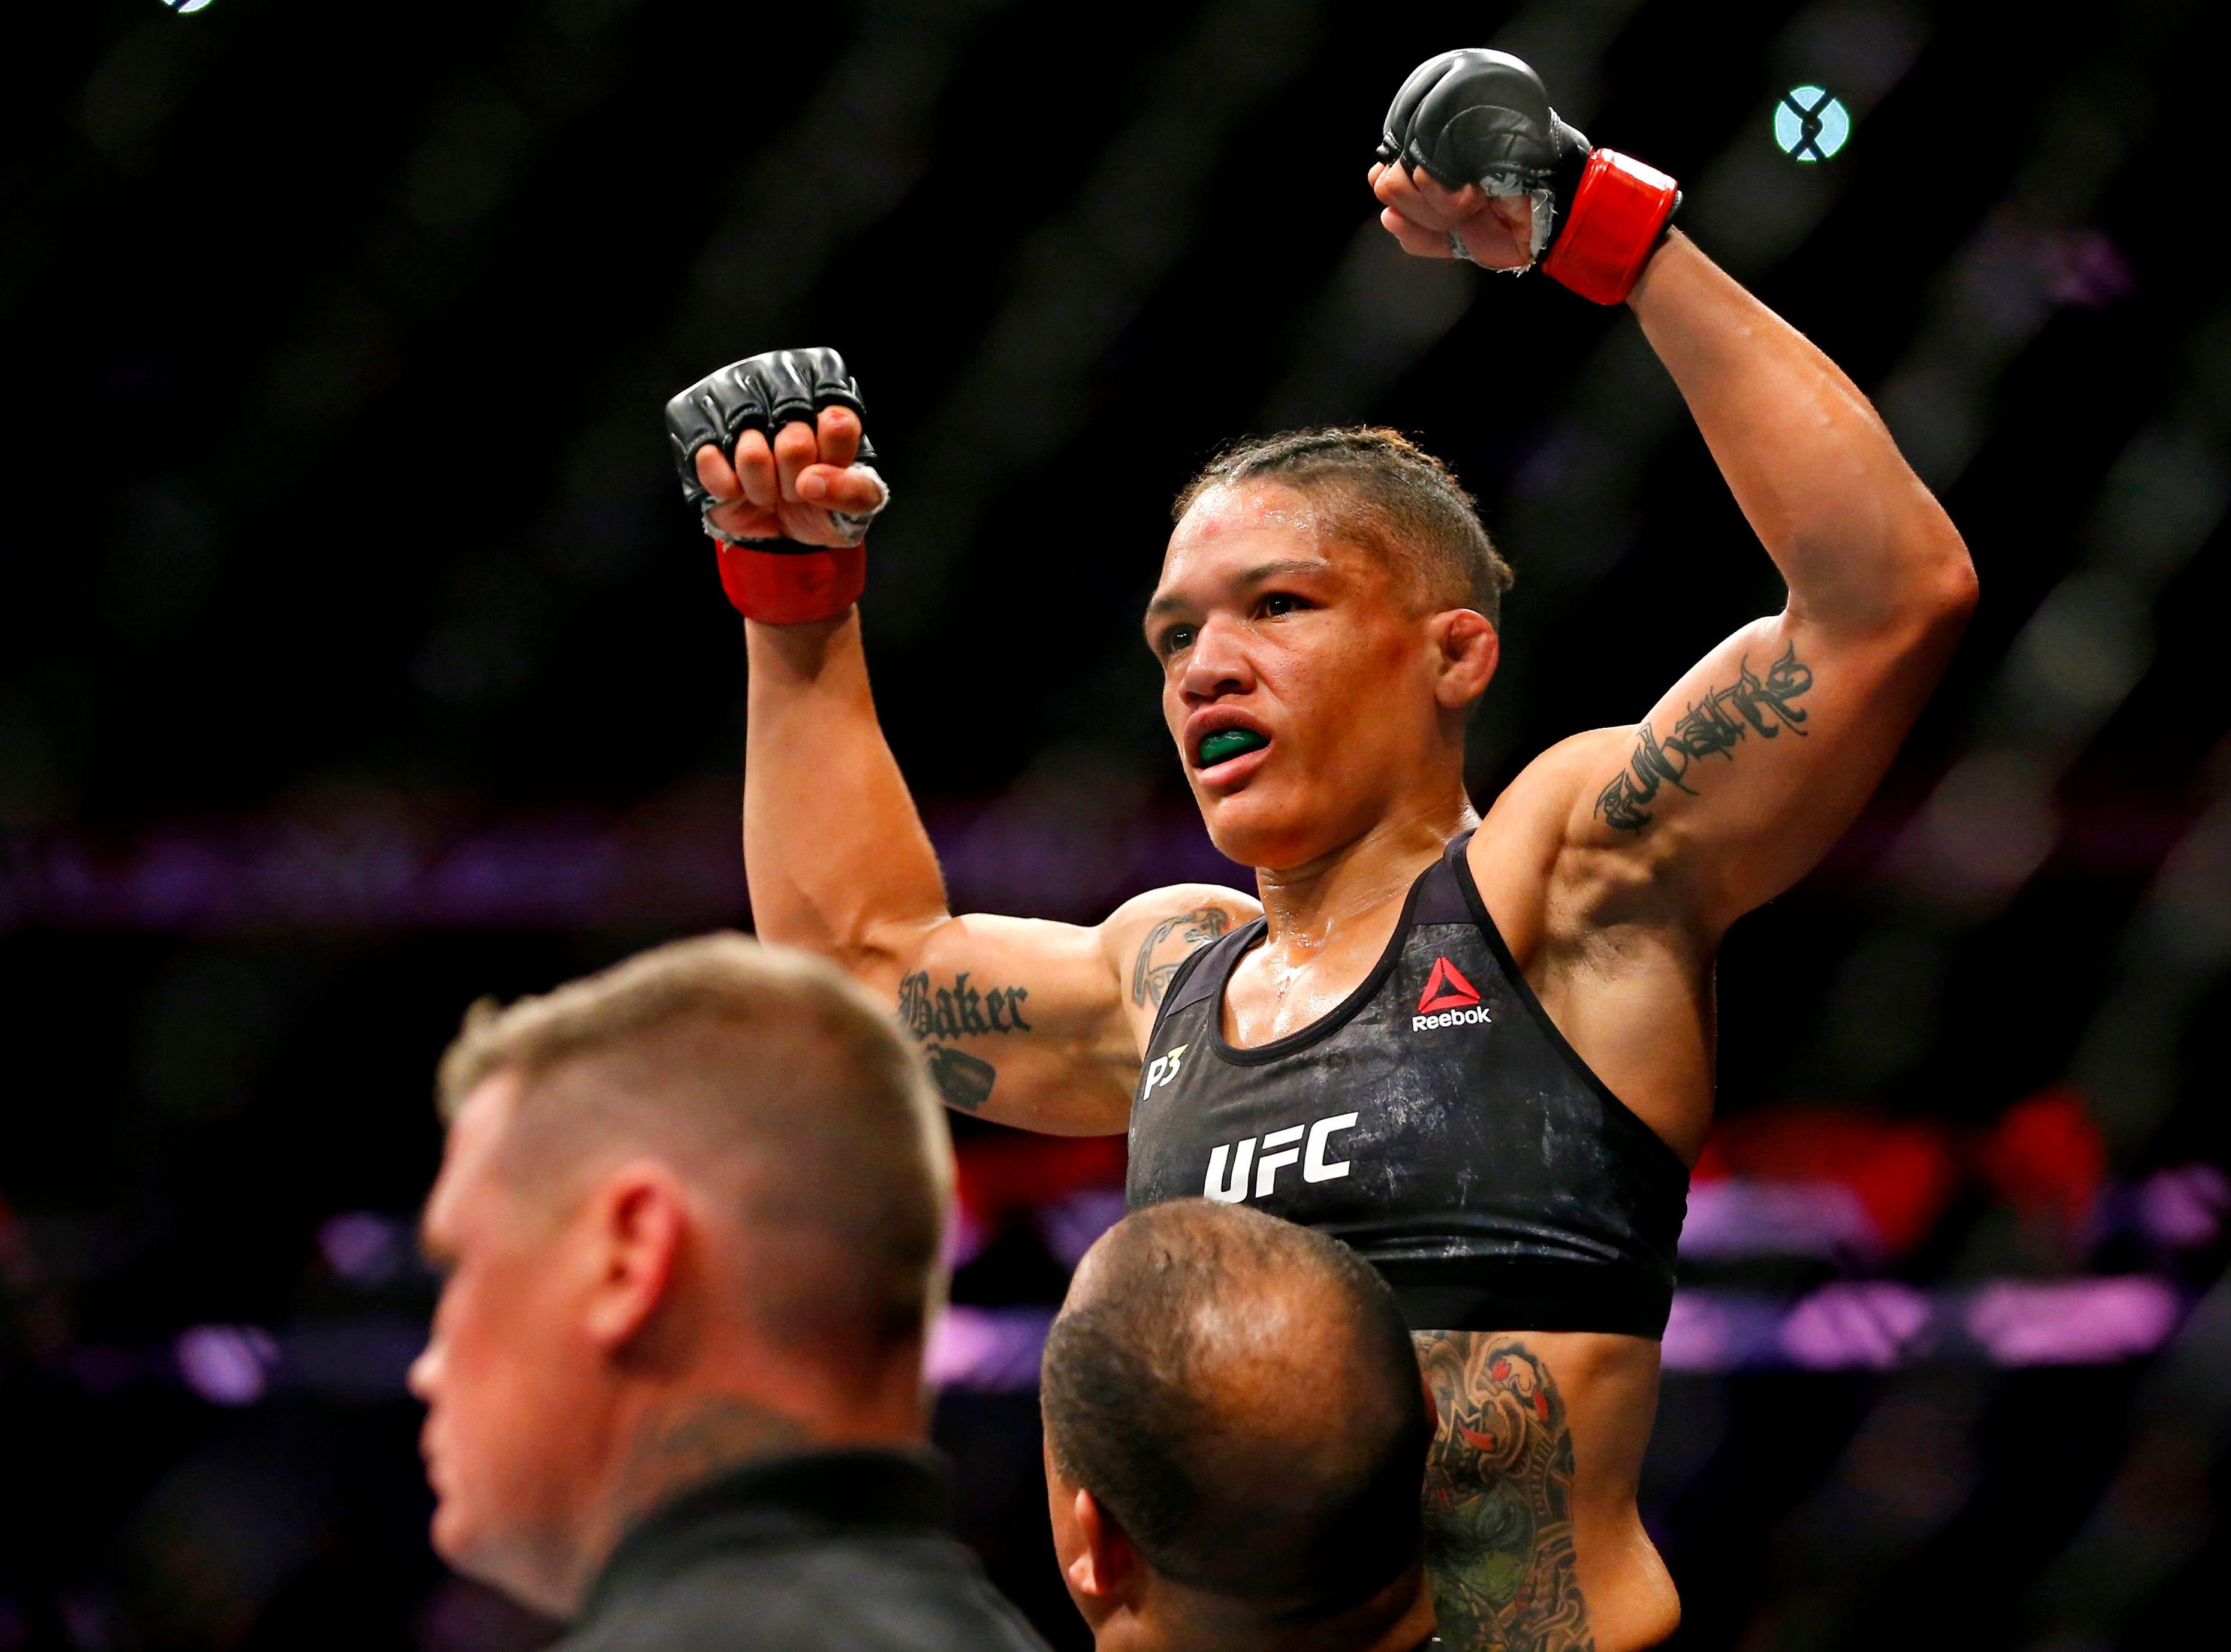 Sijara Eubanks (red gloves) celebrates beating Roxanne Modafferi (blue gloves) during UFC 230 at Madison Square Garden.